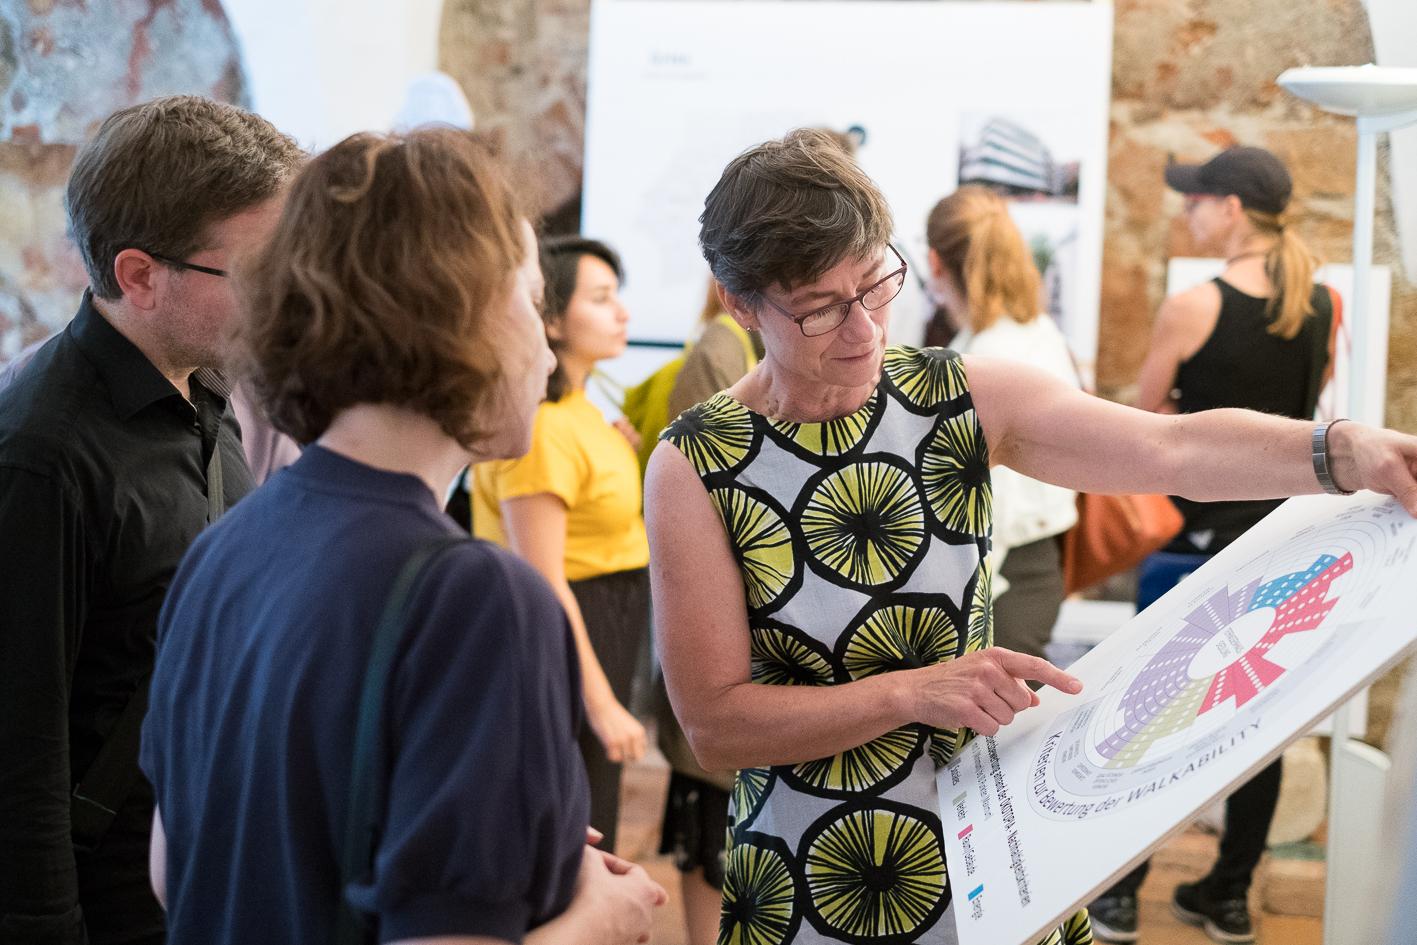 Alexandra Würz-Stalder mit anderen Besucherinnen und Besuchern in der Ausstellung mit einer Tafel in der Hand.